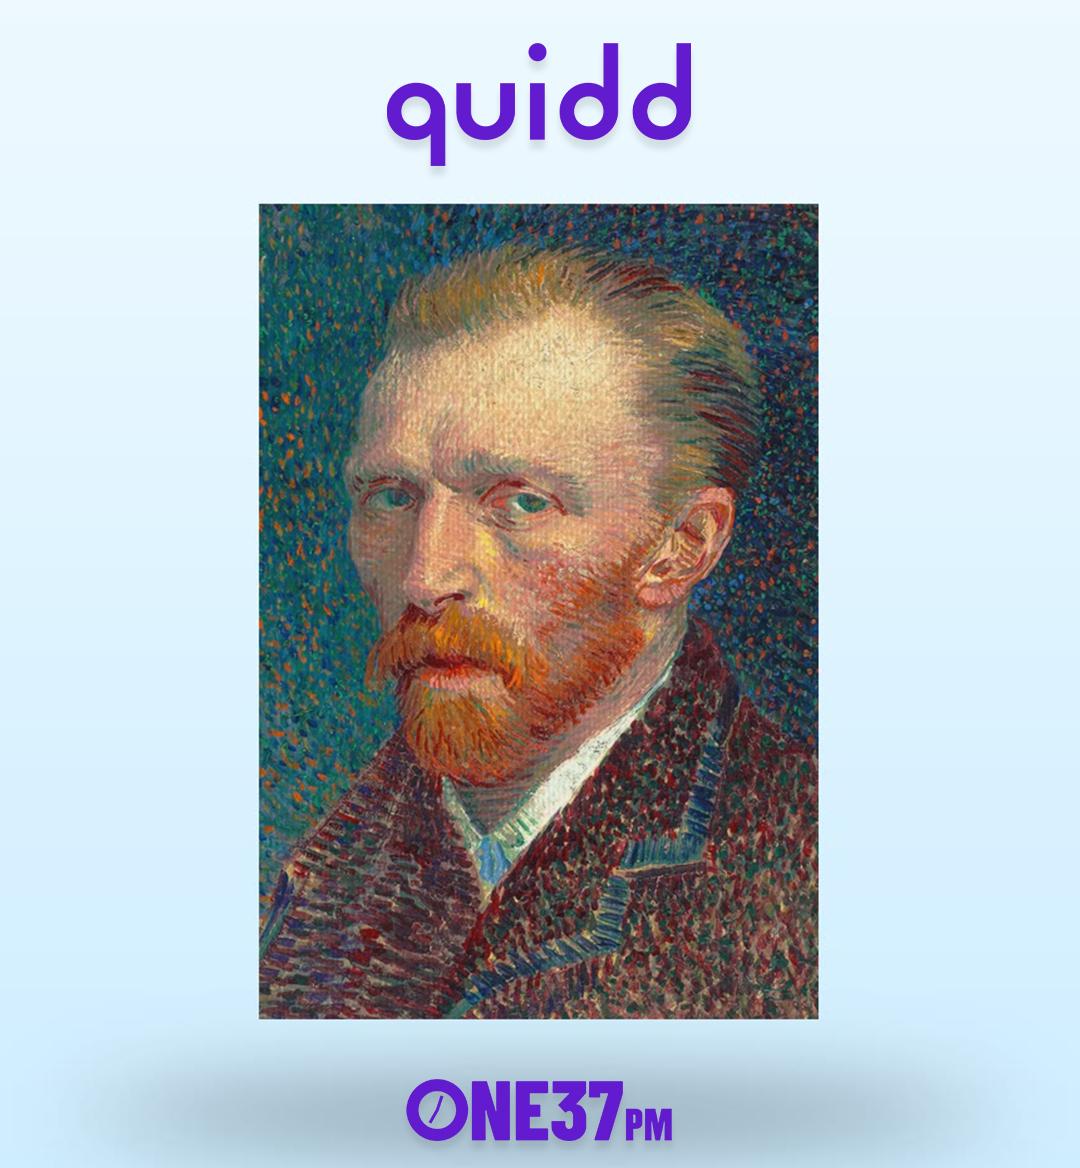 QUIDD MOBILE